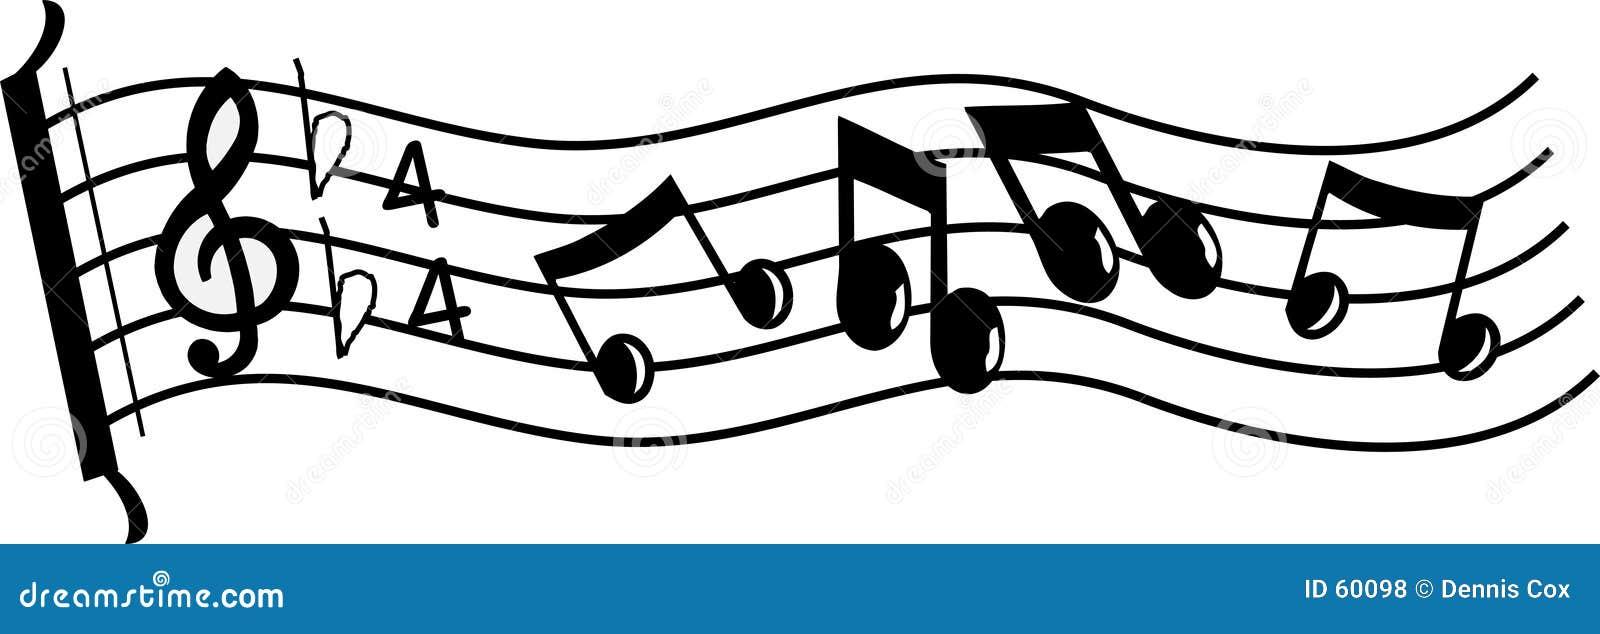 Muzyka linii